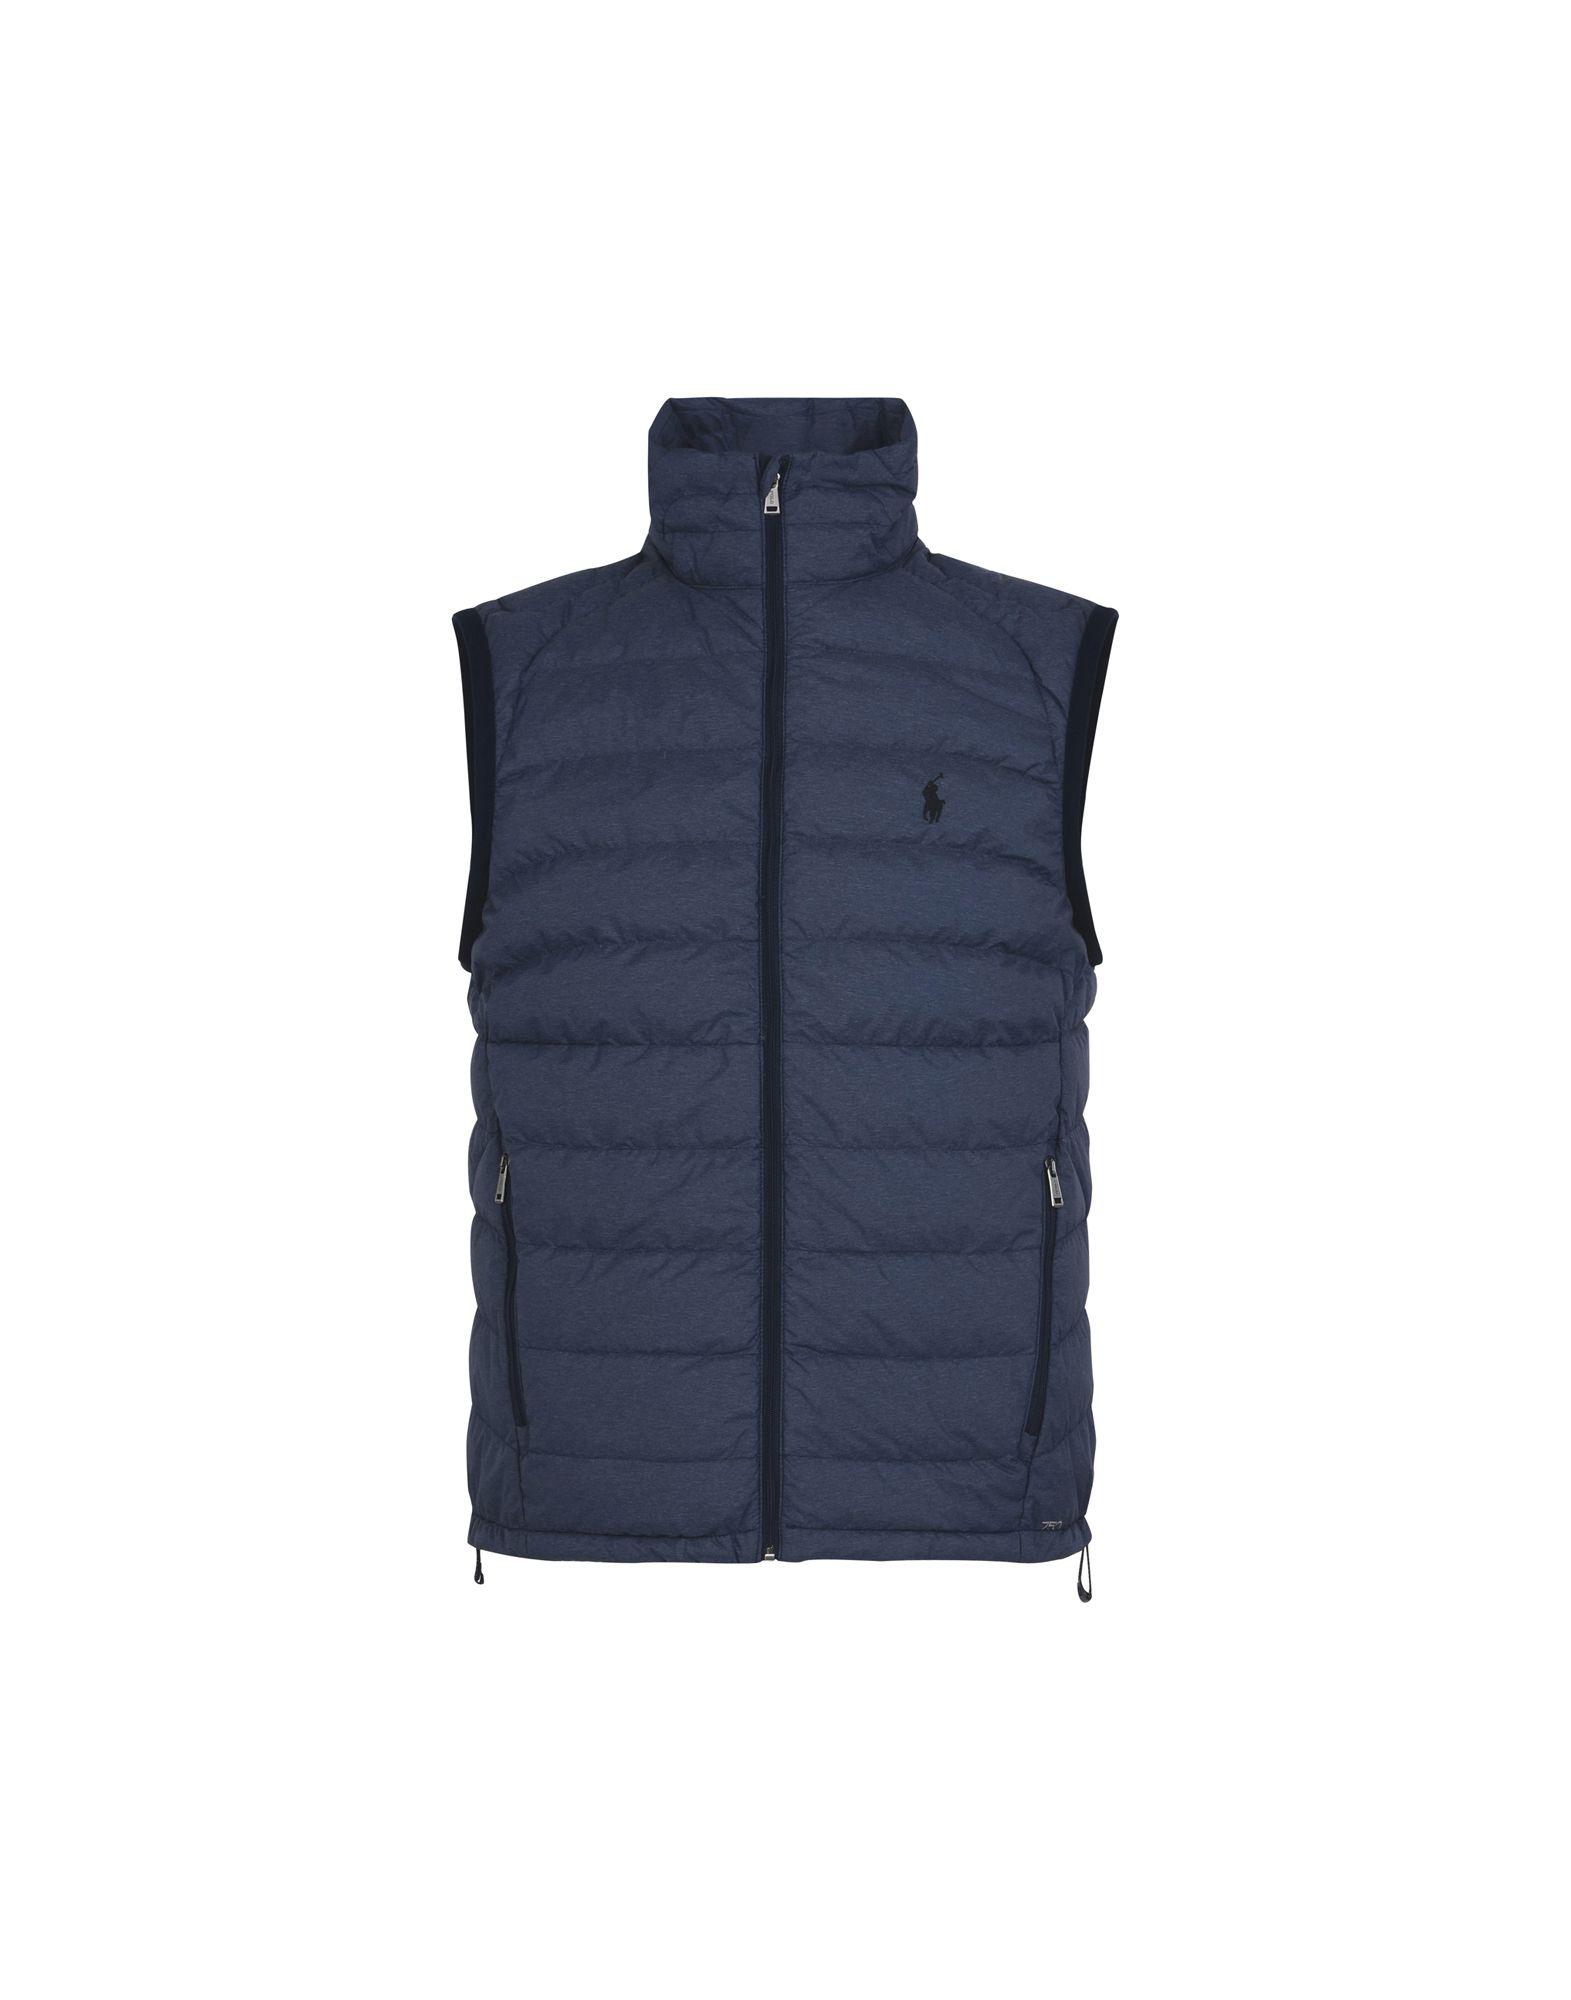 《セール開催中》POLO RALPH LAUREN メンズ ダウンジャケット ダークブルー S ポリエステル 100% Down Vest